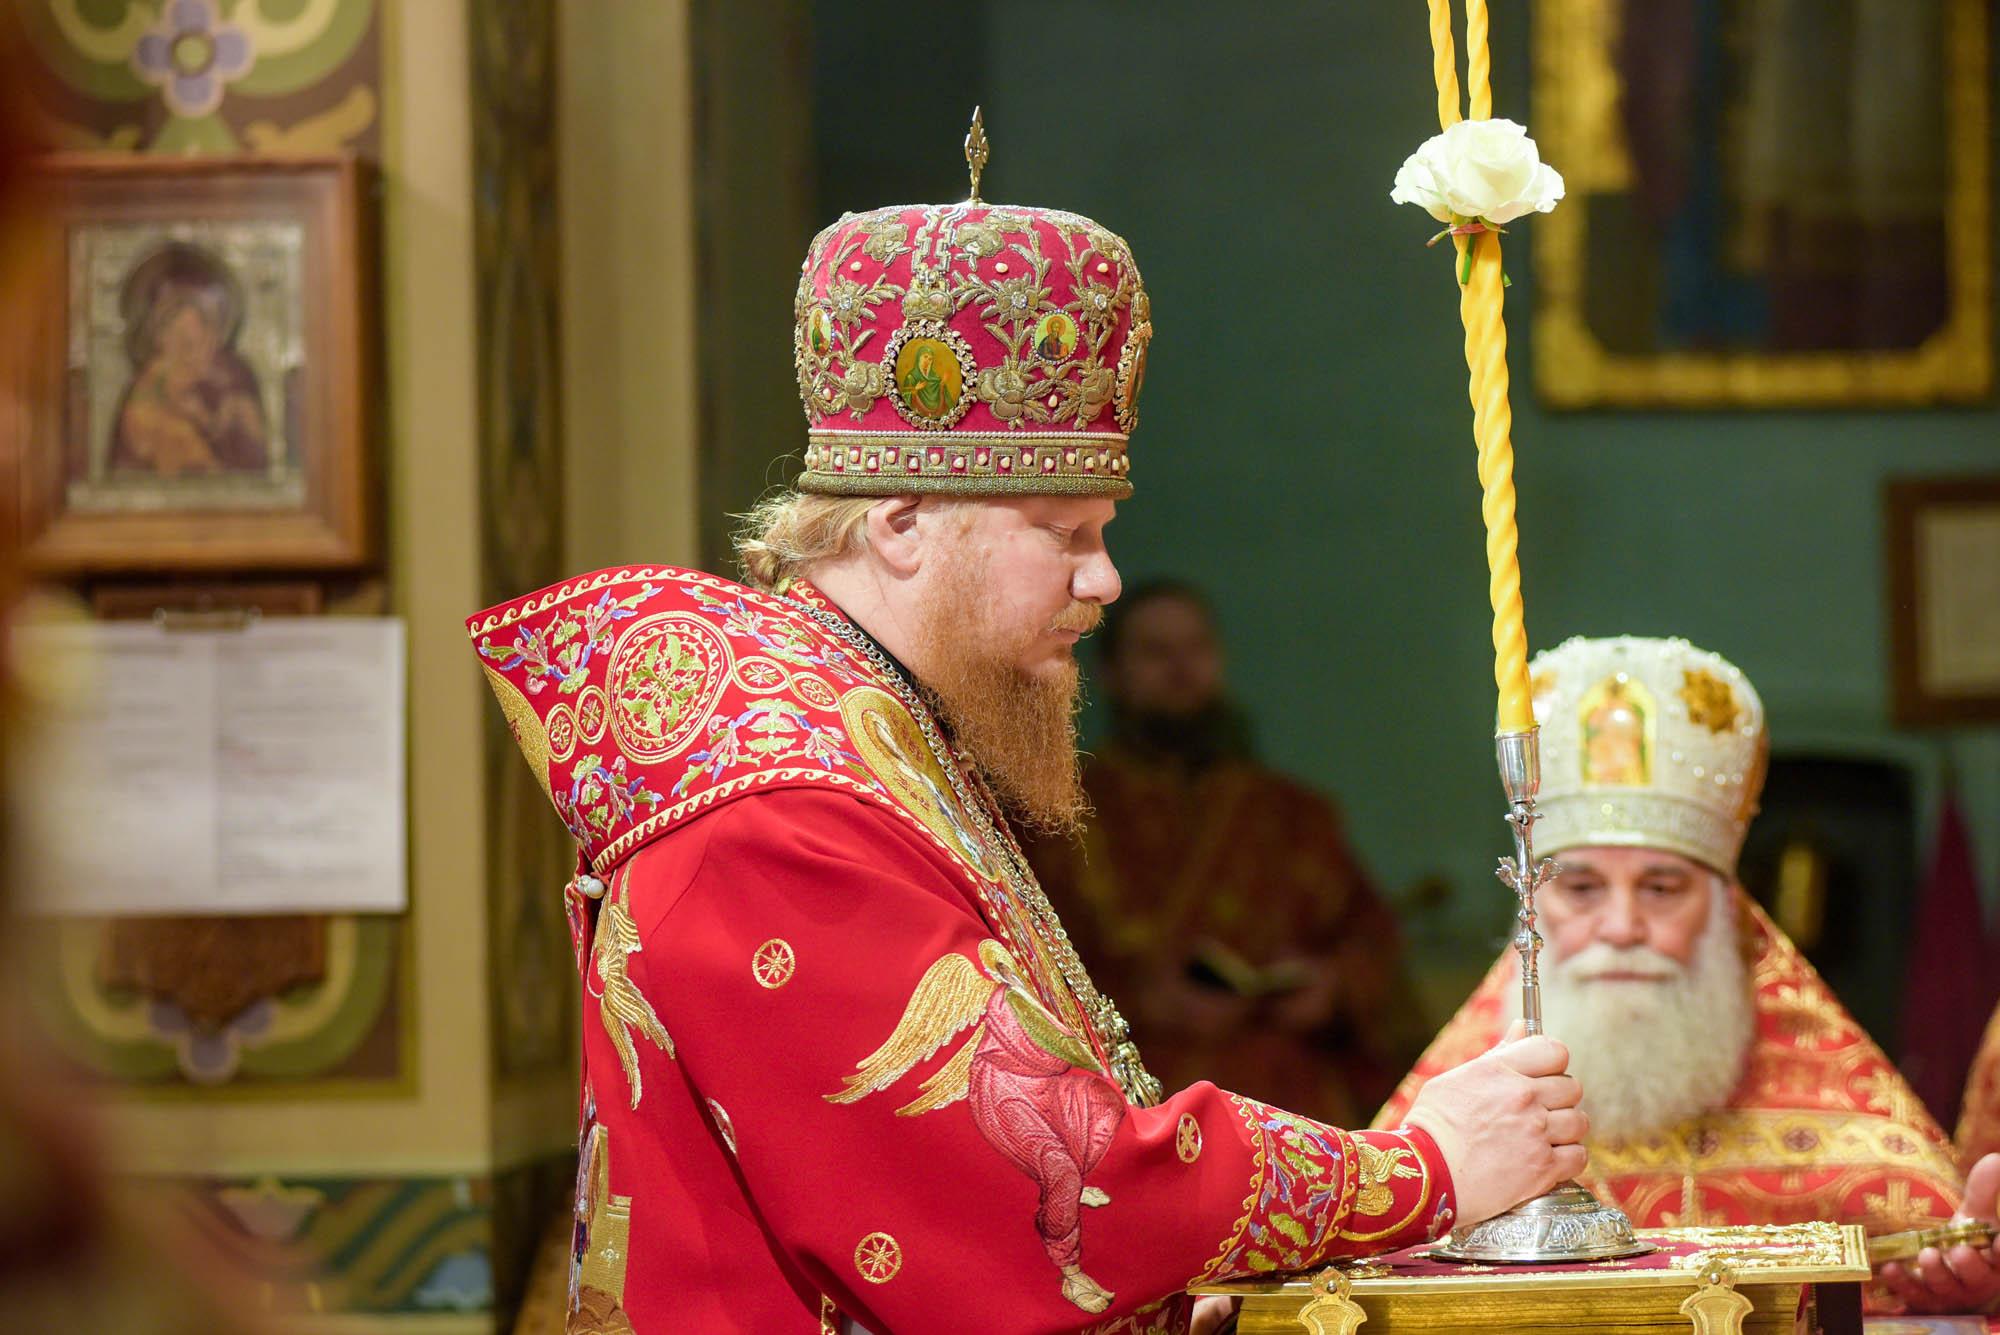 Orthodox photography Sergey Ryzhkov 9460